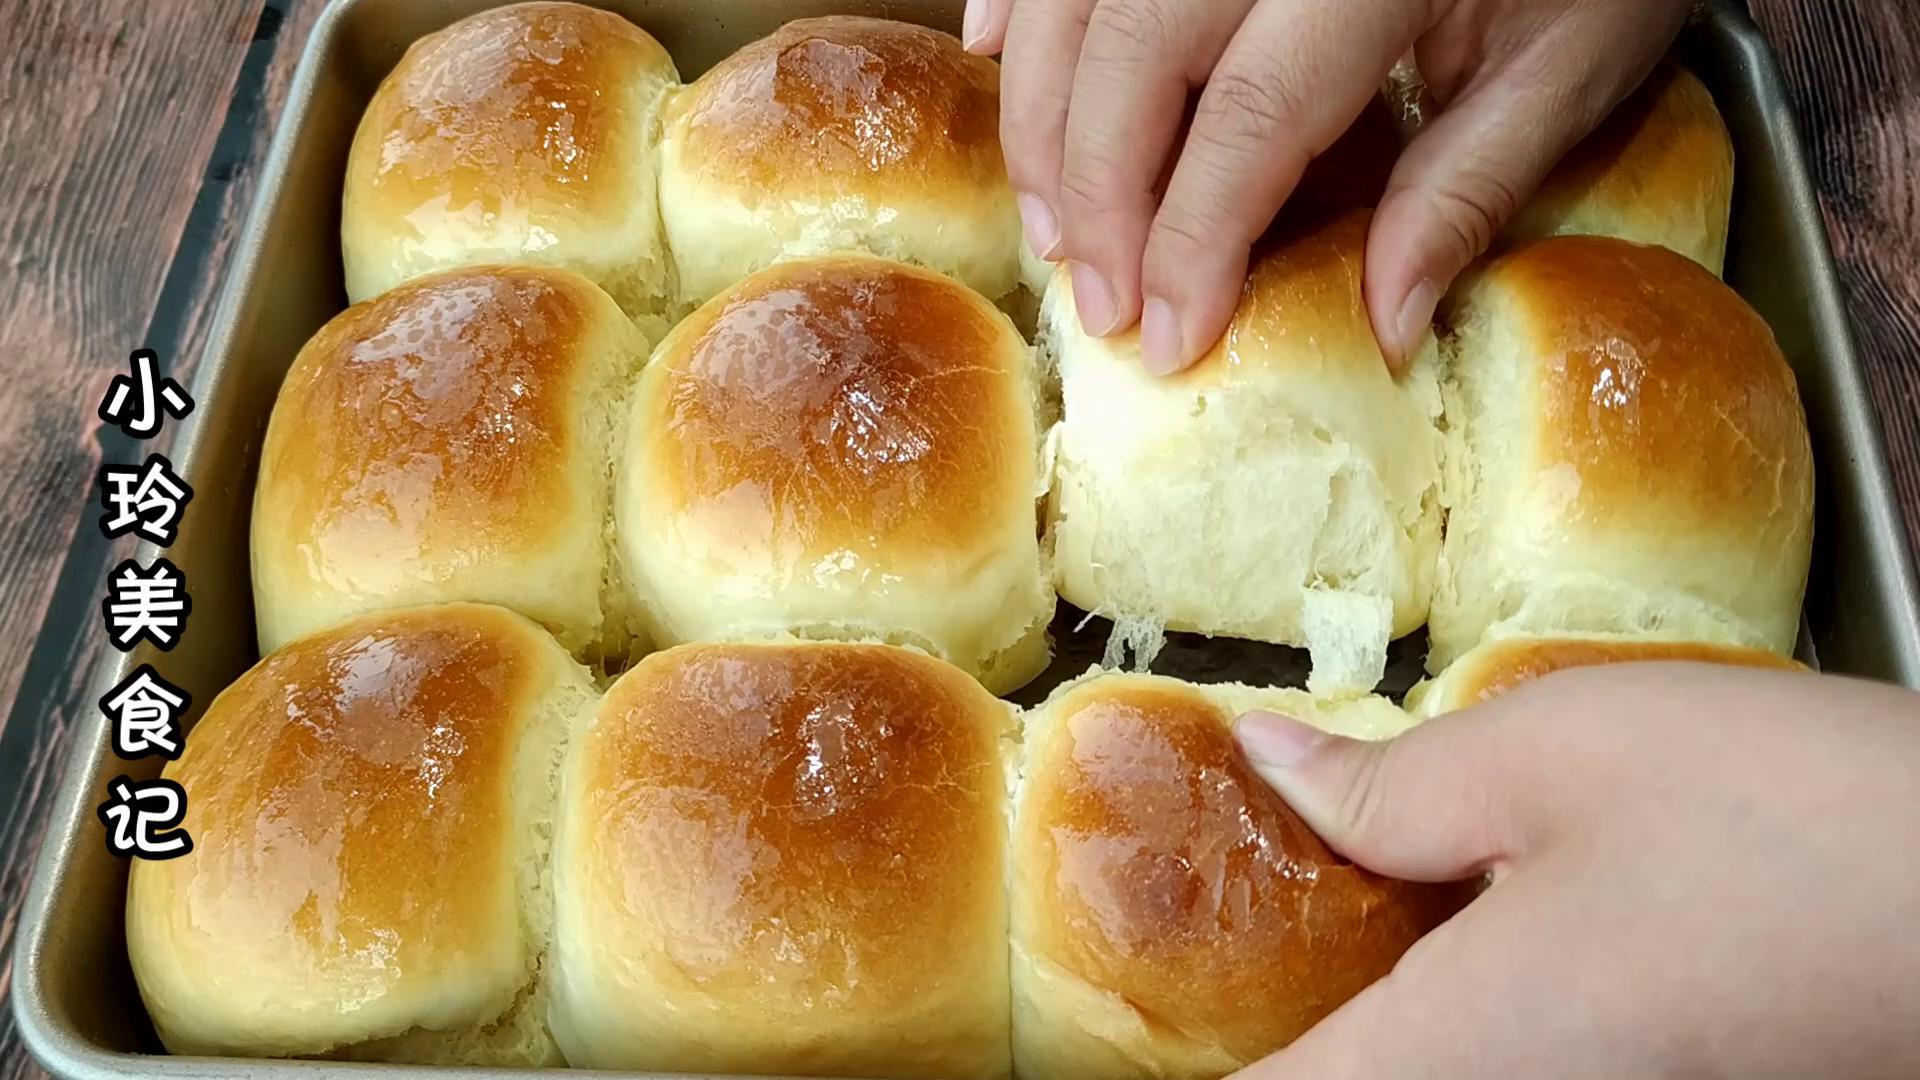 老式蜂蜜小面包最简单做法,暄软香甜,小时候的味道,好吃又解馋